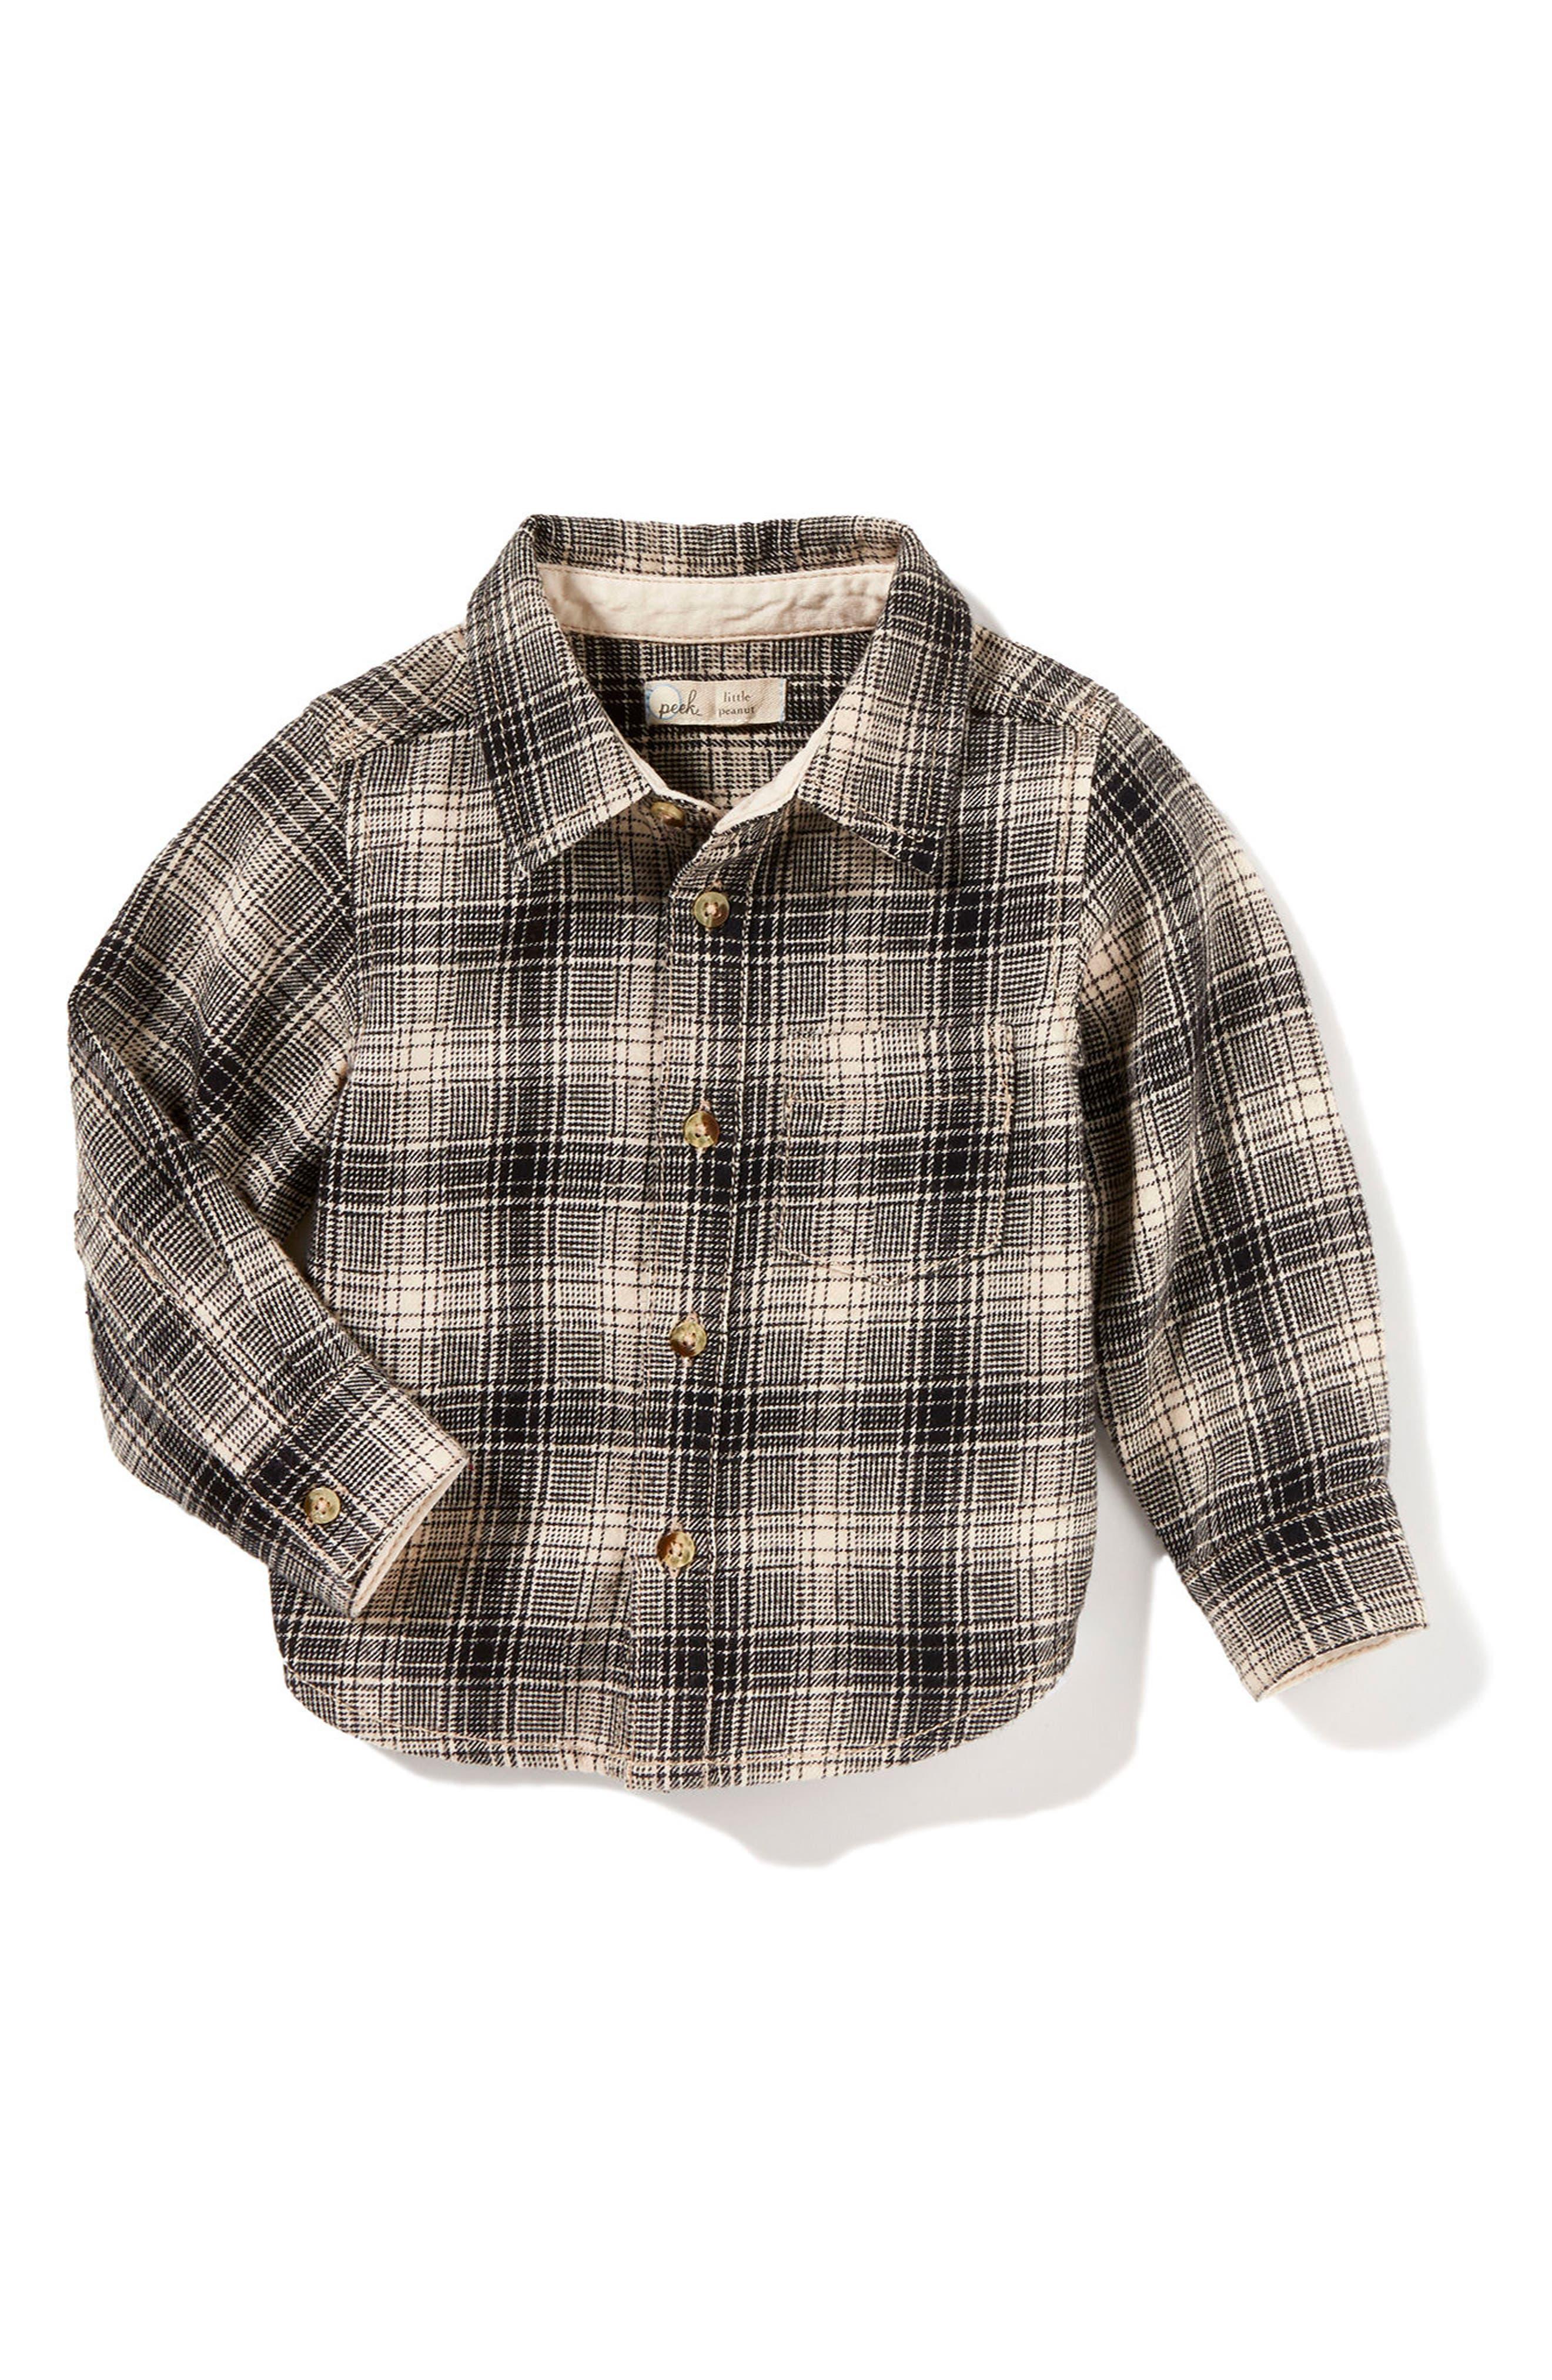 Mase Plaid Shirt,                             Main thumbnail 1, color,